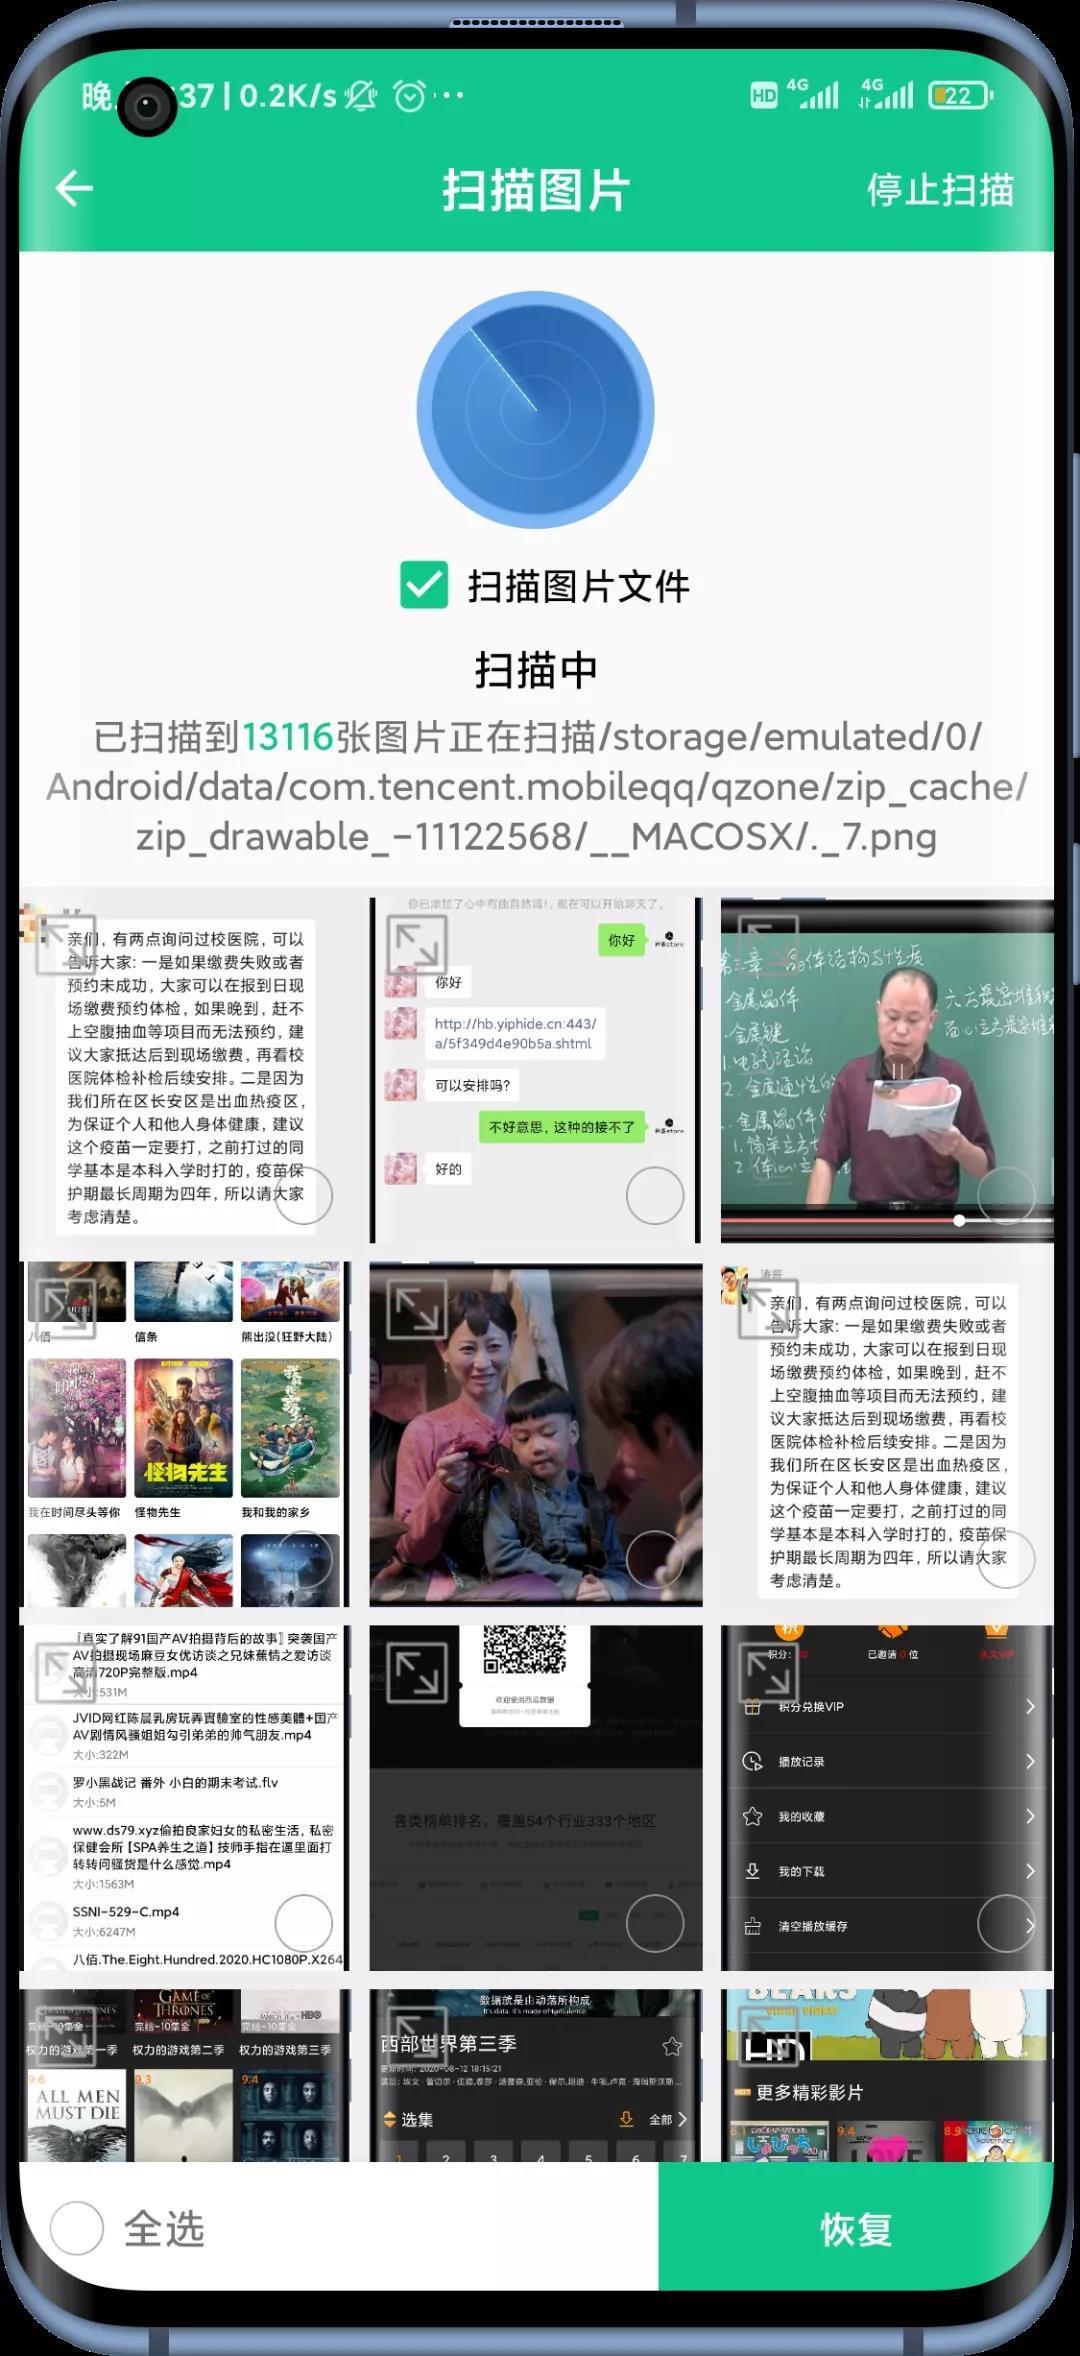 5ff258ff3ffa7d37b3860122 专用于找回手机里被删除的照片--照片恢复